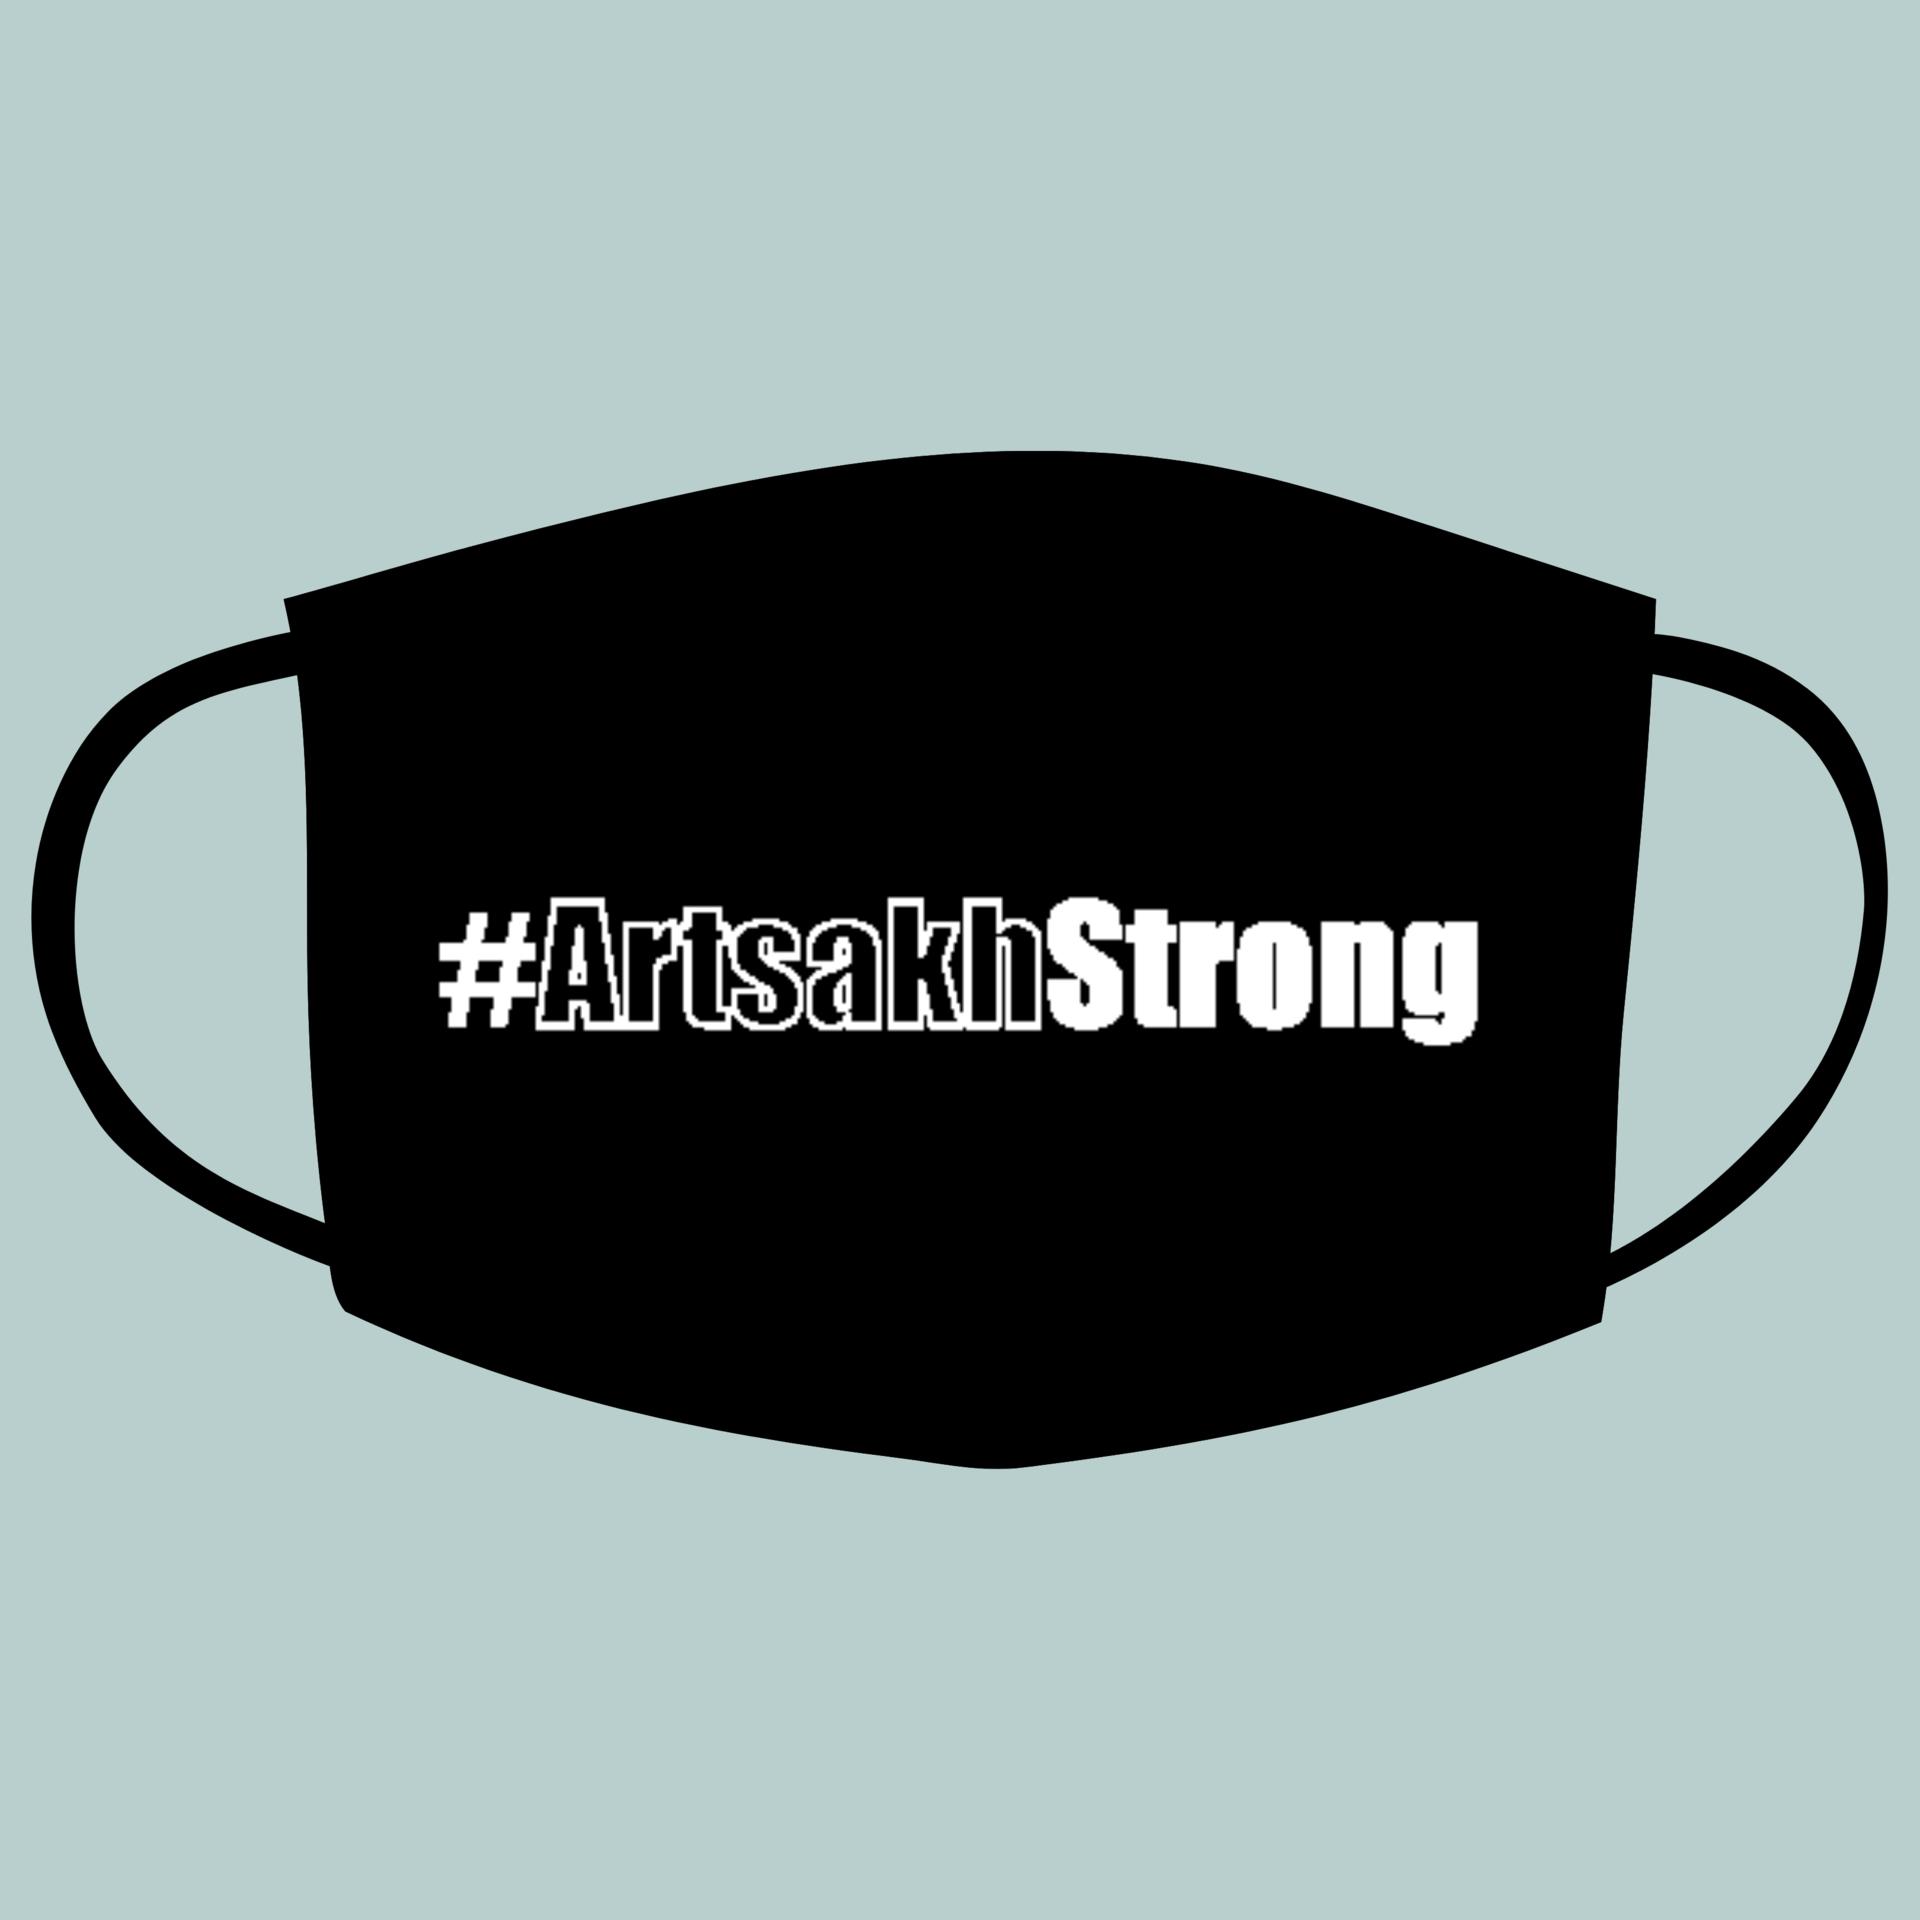 Full Artsakh Strong